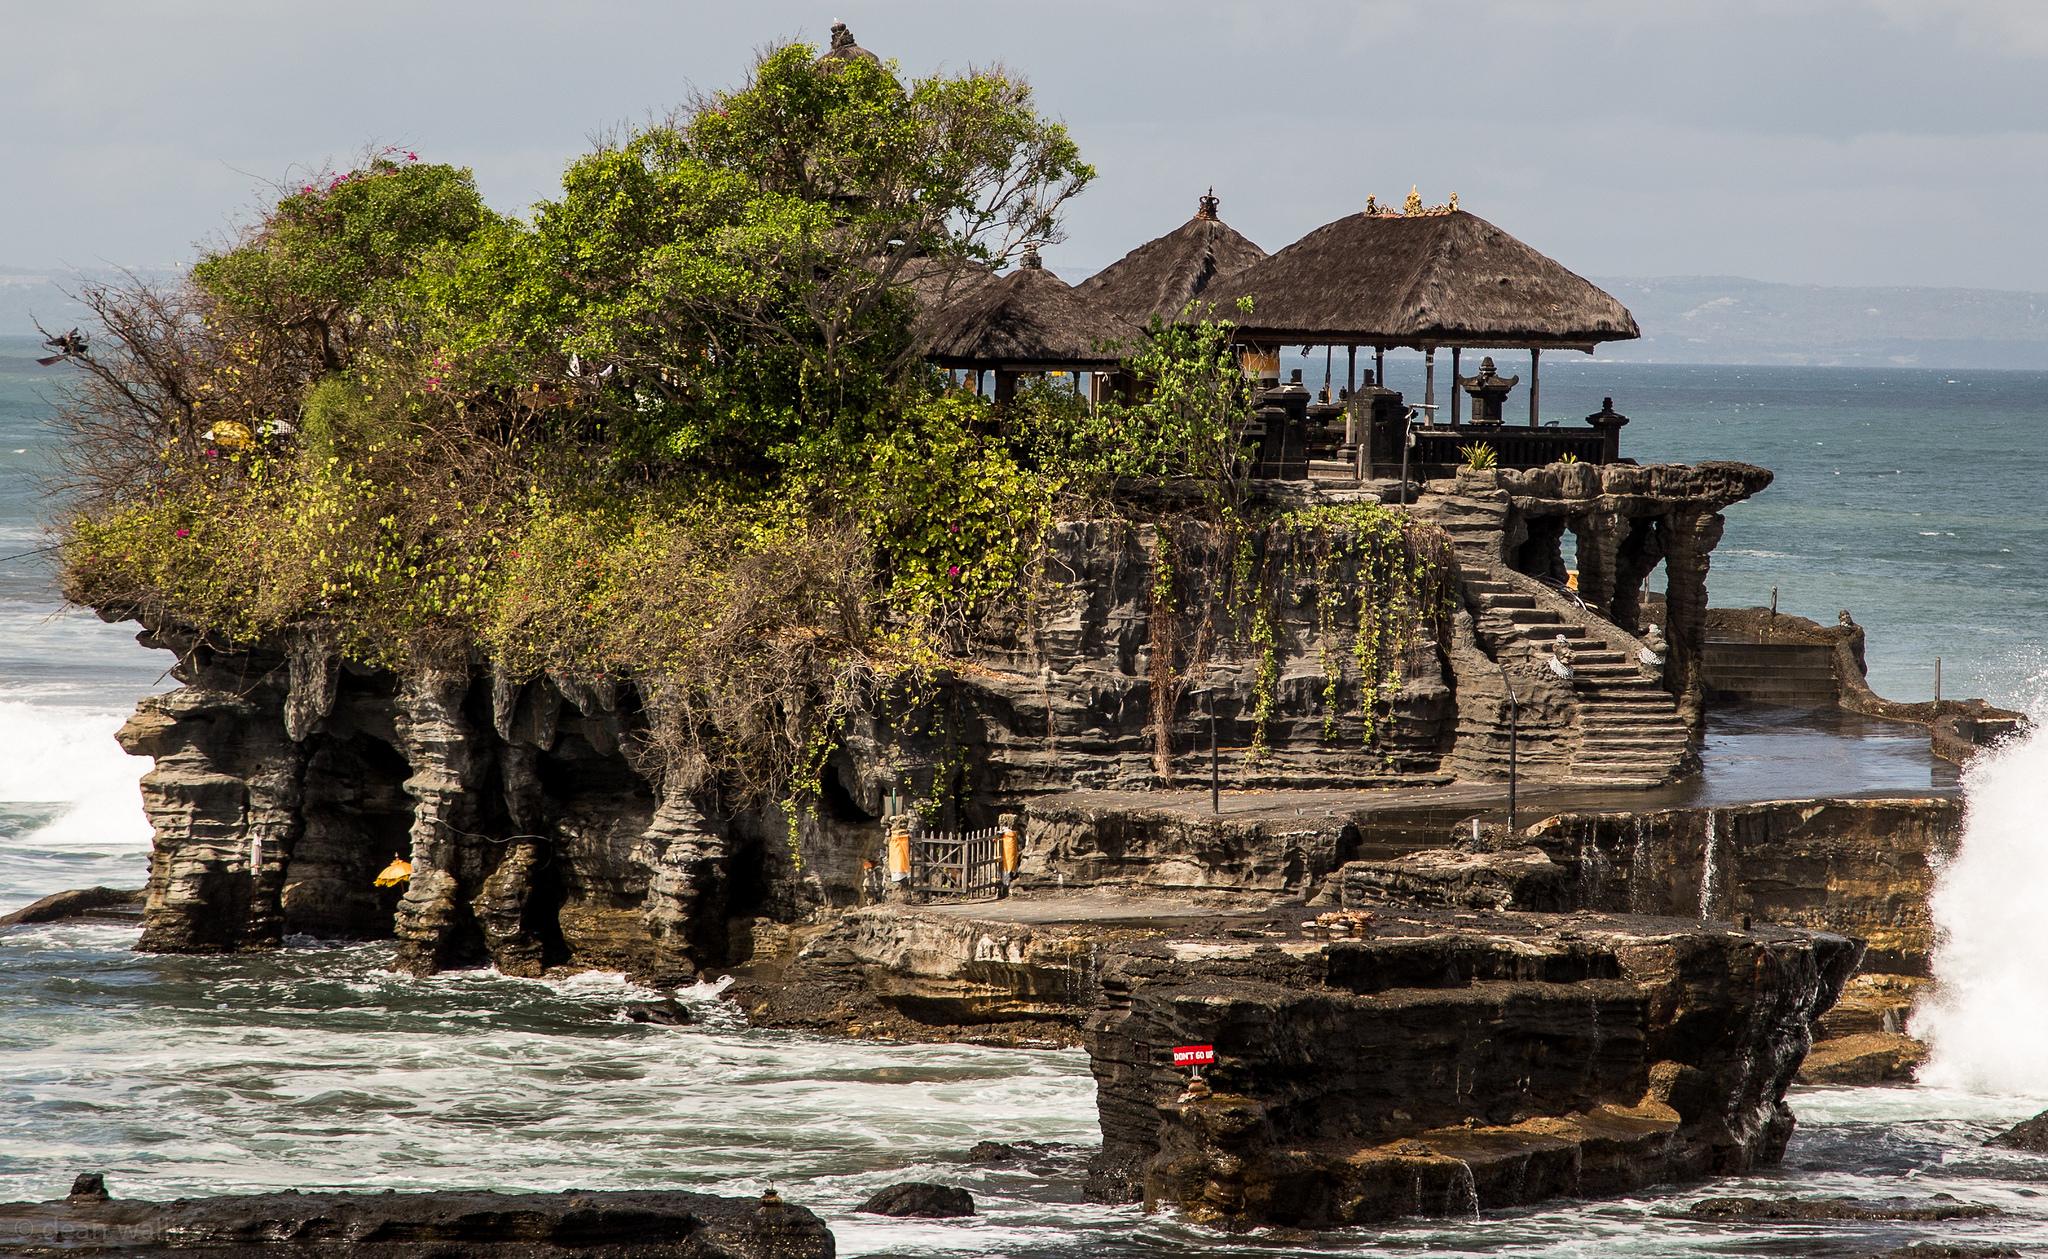 Пура Танах Лот, храм острова Бали